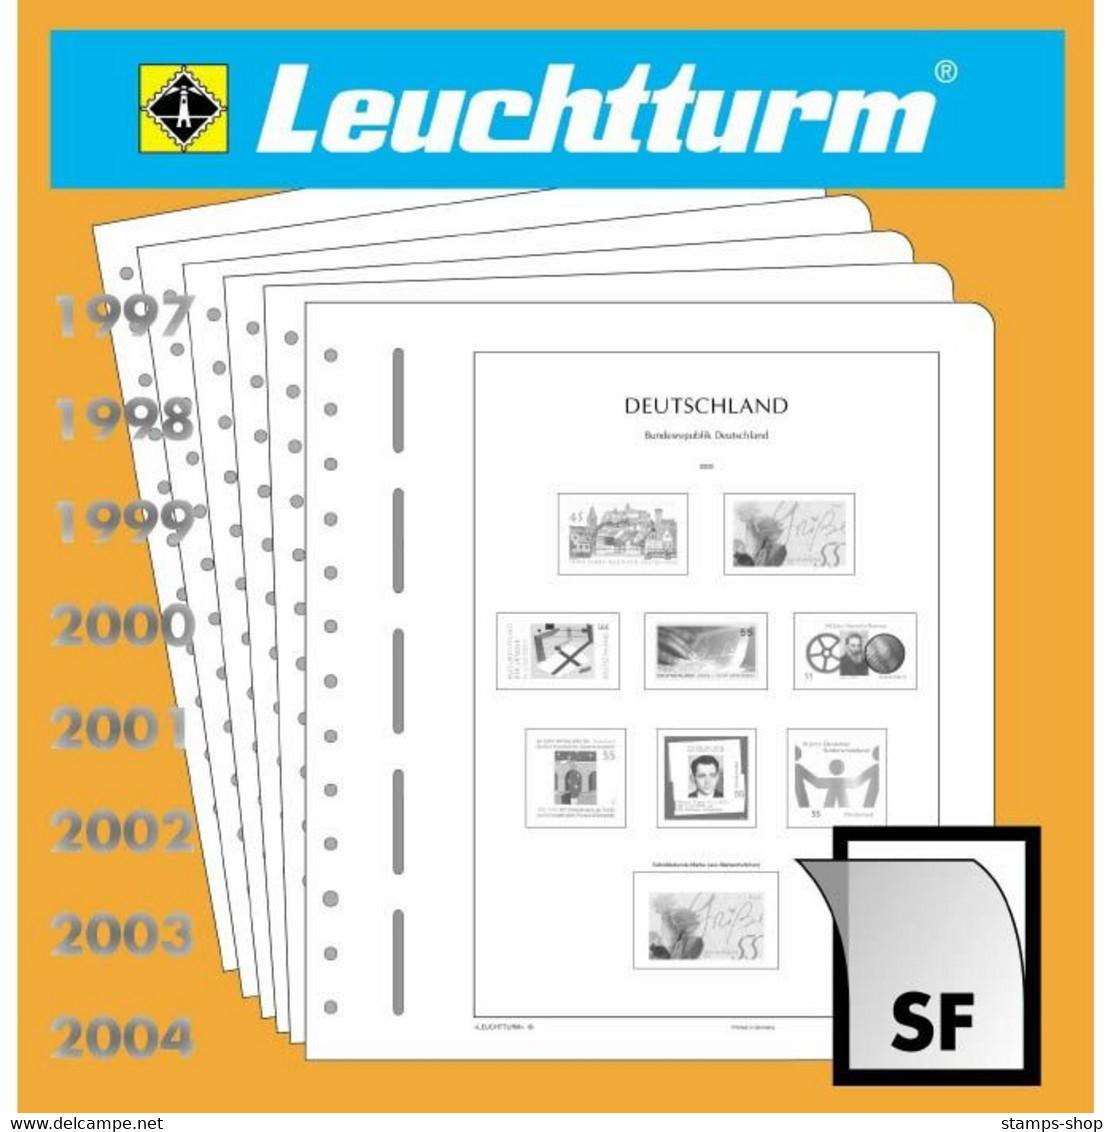 Leuchtturm Nachtrag Deutschland Gemeinschaftsausgaben 1996 SF Mit Taschen Neu - Pre-printed Pages